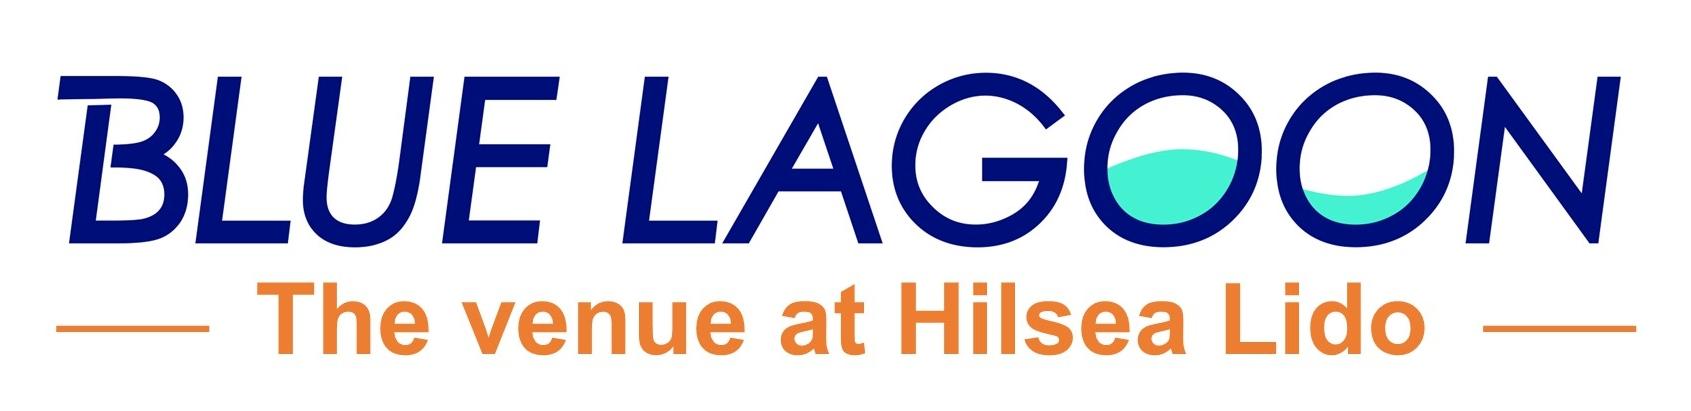 Blue Lagoon Hilsea